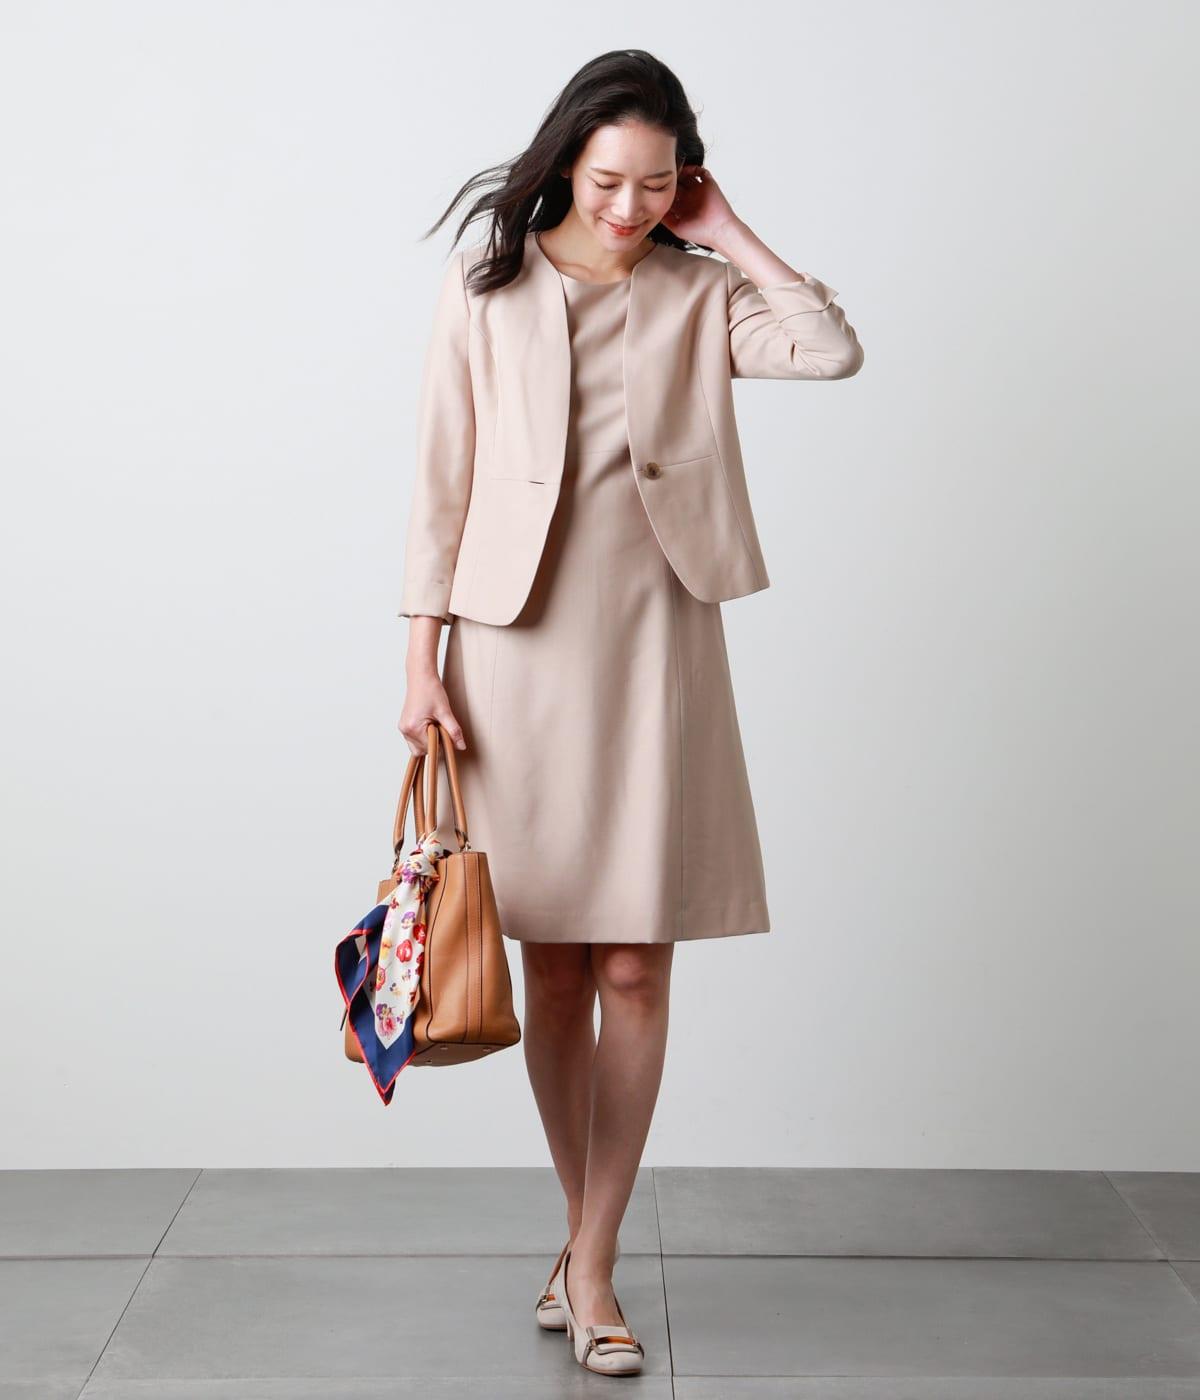 入園・入学式セレモニースタイル04|ファッション通販のNY.online